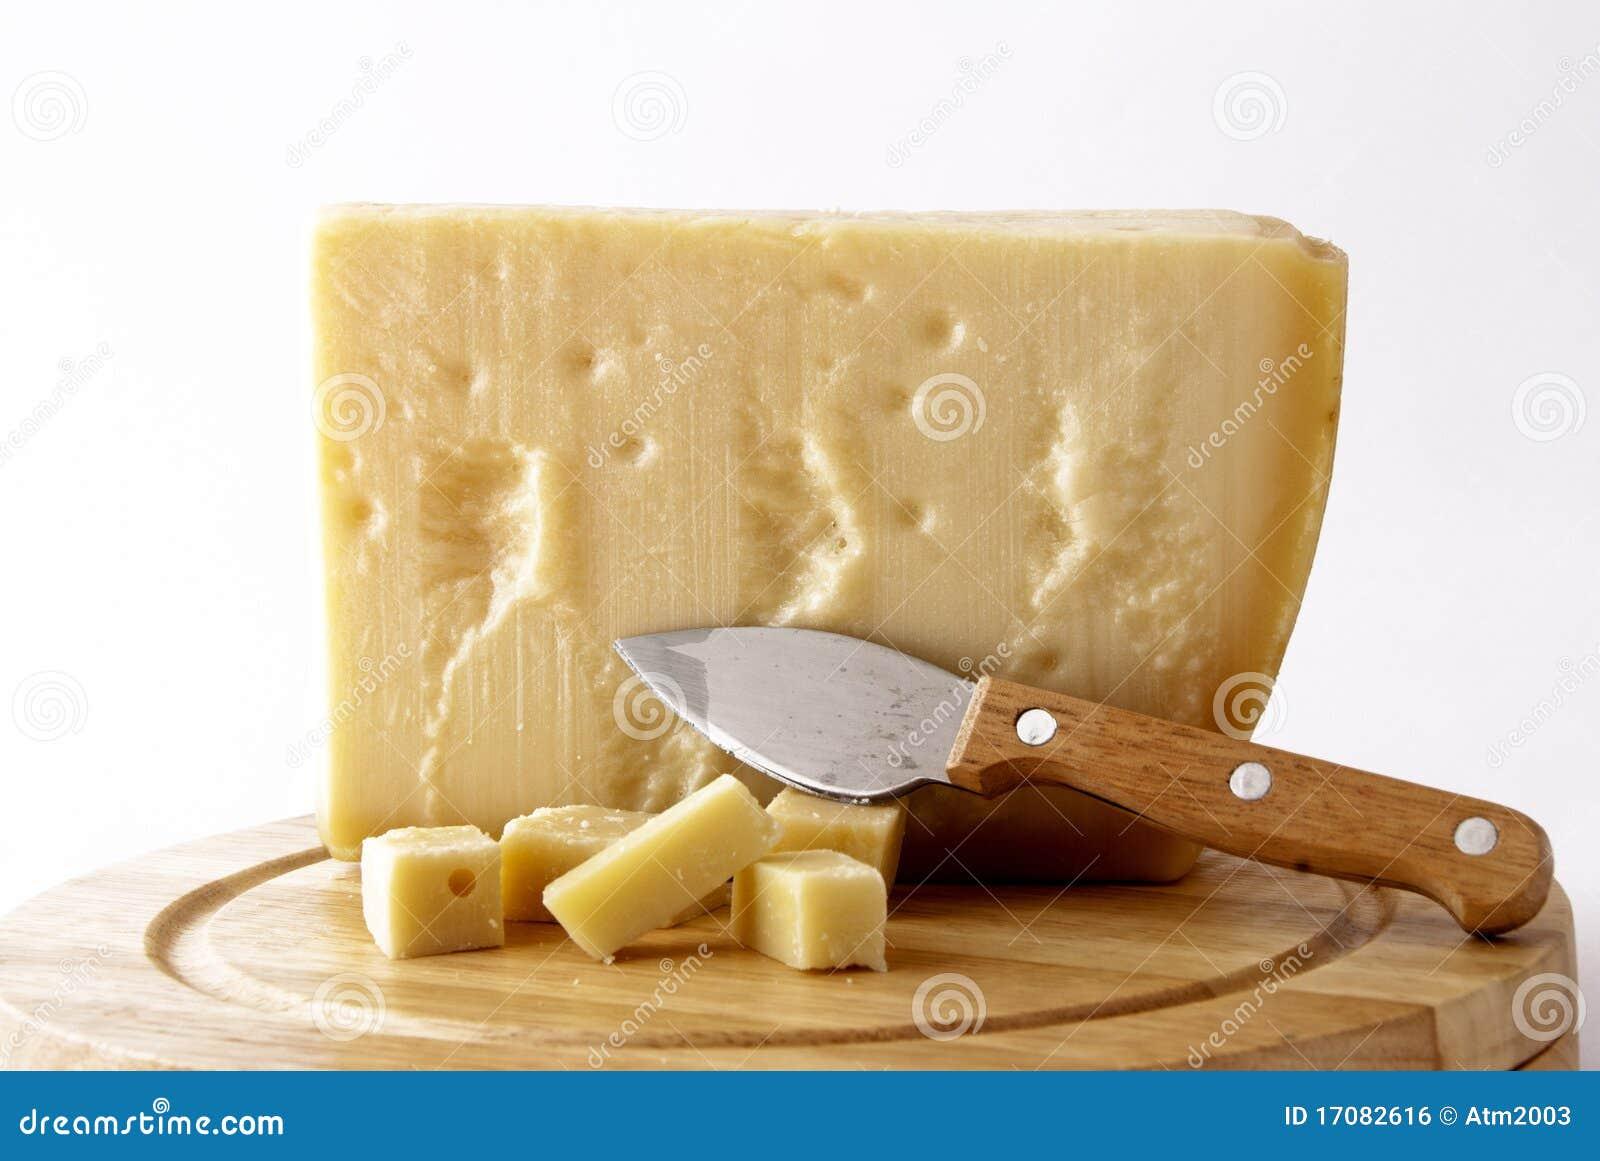 Italian cheese - grana padano